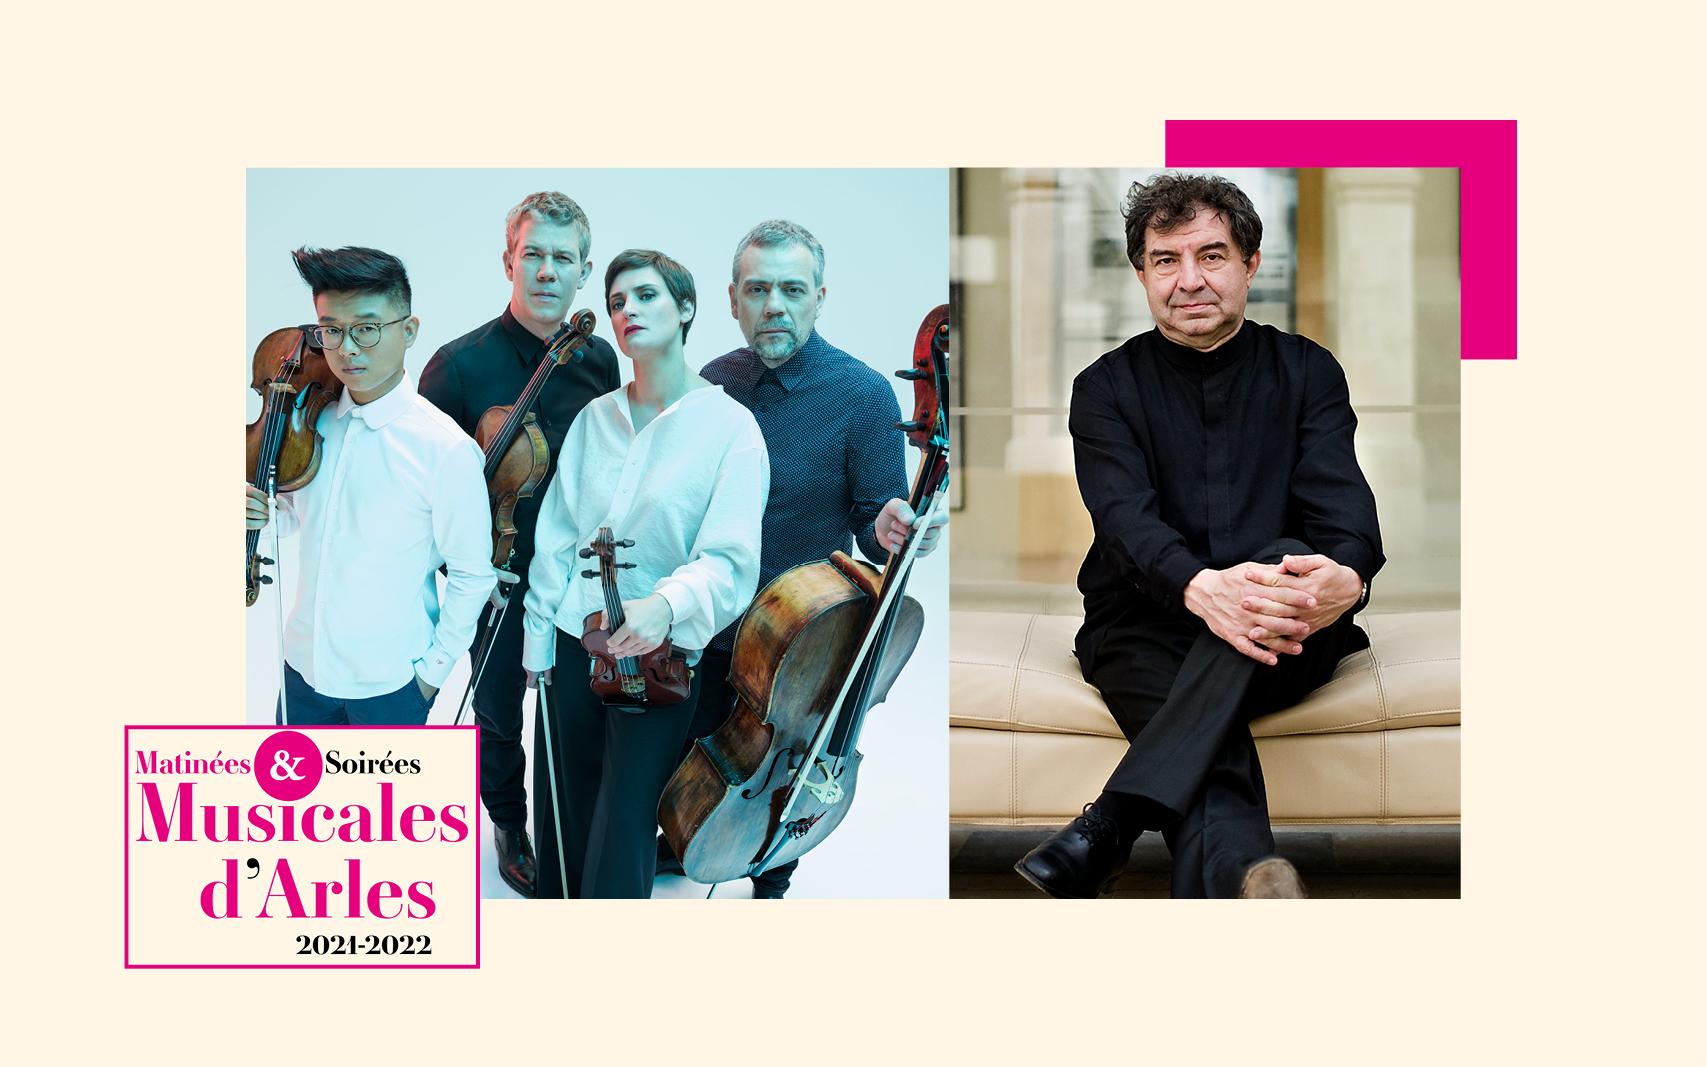 Le Quatuor Diotima est l'un des plus demandés au monde. Il est accompagné ici par Jean-François Heisser, pianiste, chef d'orchestre, pédagogue à la vaste culture et à la curiosité sans cesse en éveil.